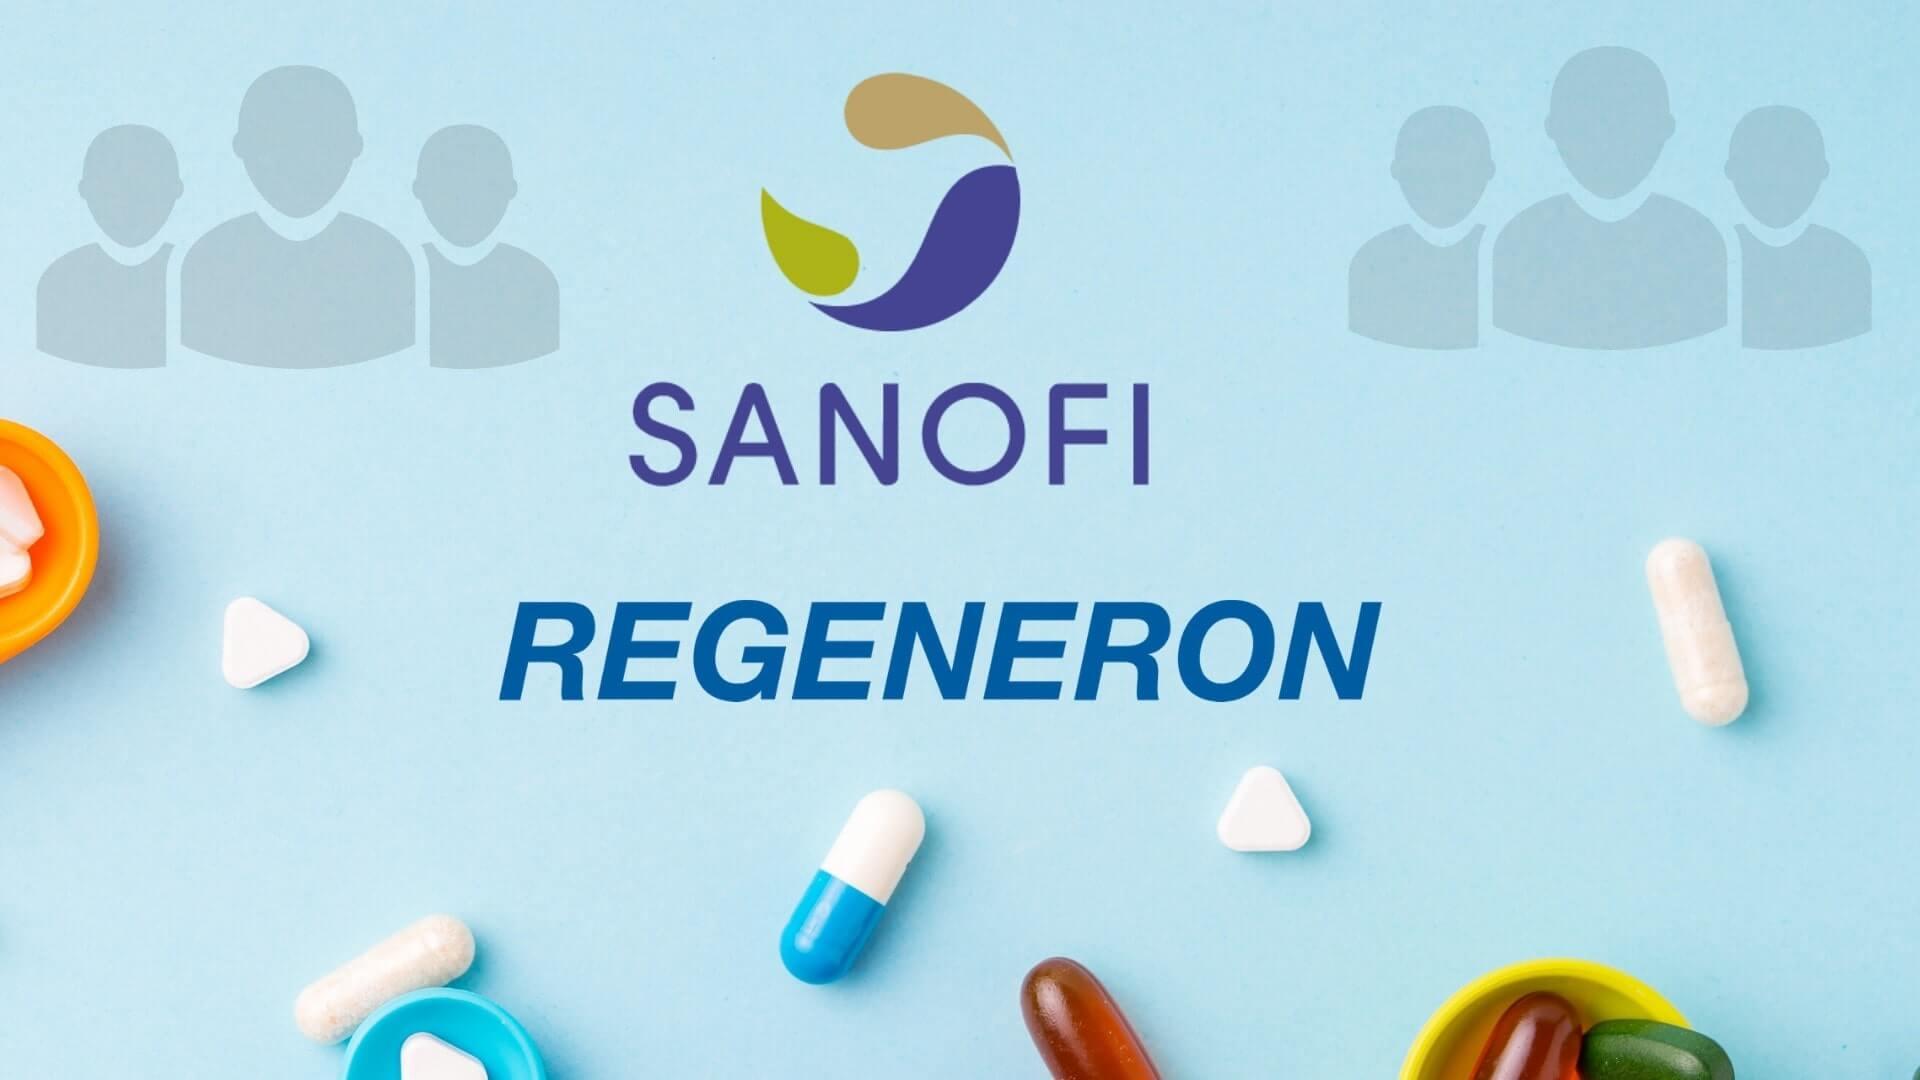 sanofi_regeneron